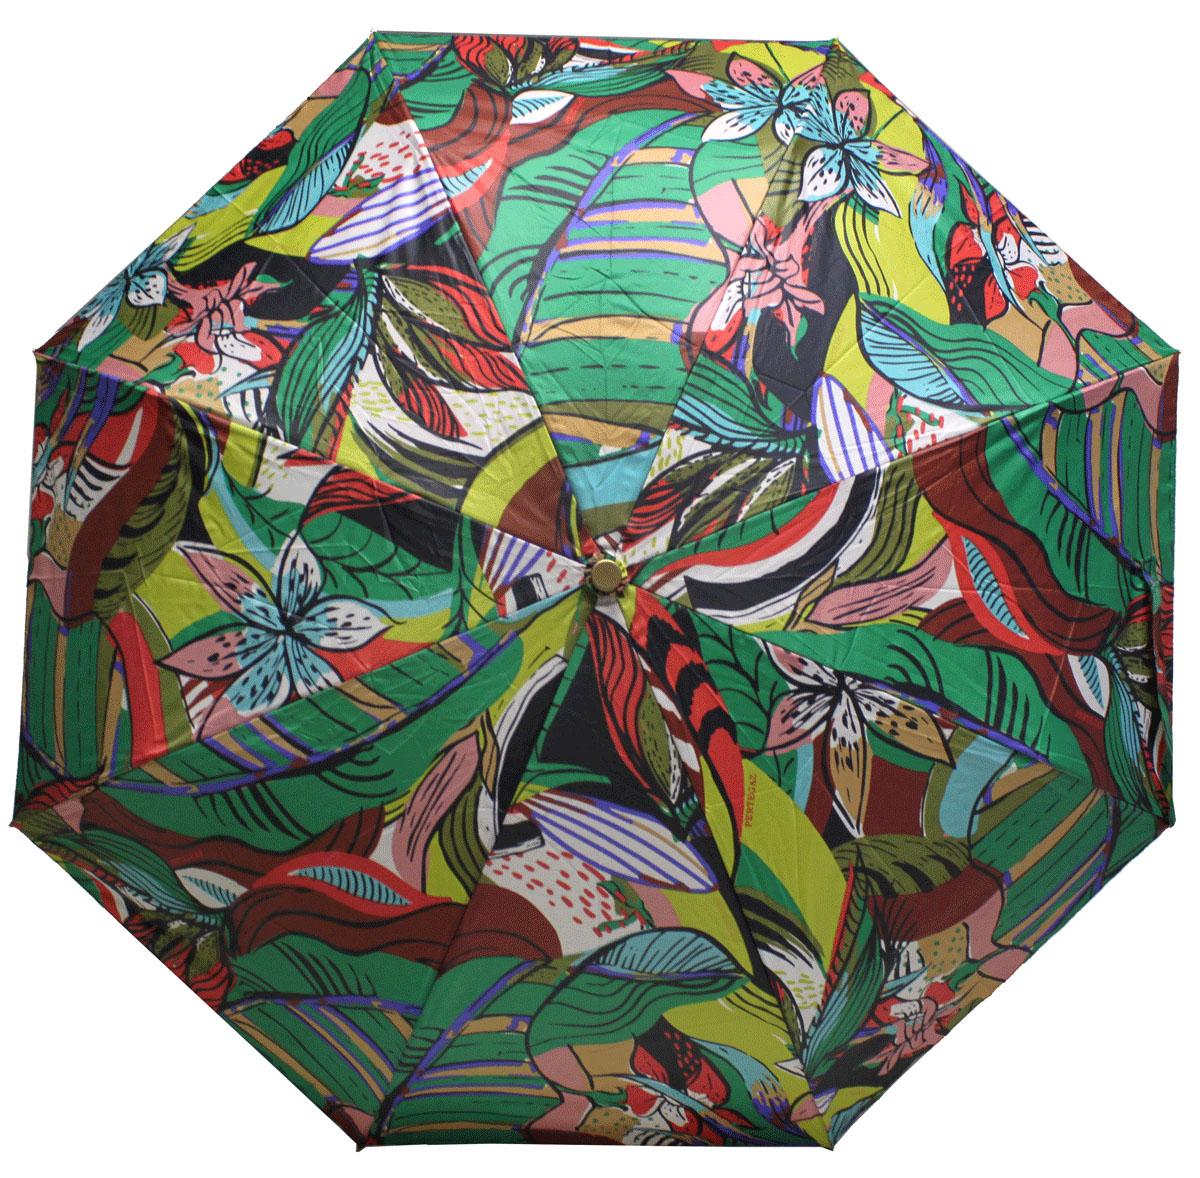 PERTEGAZ 85151-3 Зонт полный автом. 3 сл. жен.85151-3Зонт испанского производителя Clima. В производстве зонтов используются современные материалы, что делает зонты легкими, но в то же время крепкими.Полный автомат, 3 сложения, 8 спиц, полиэстер.